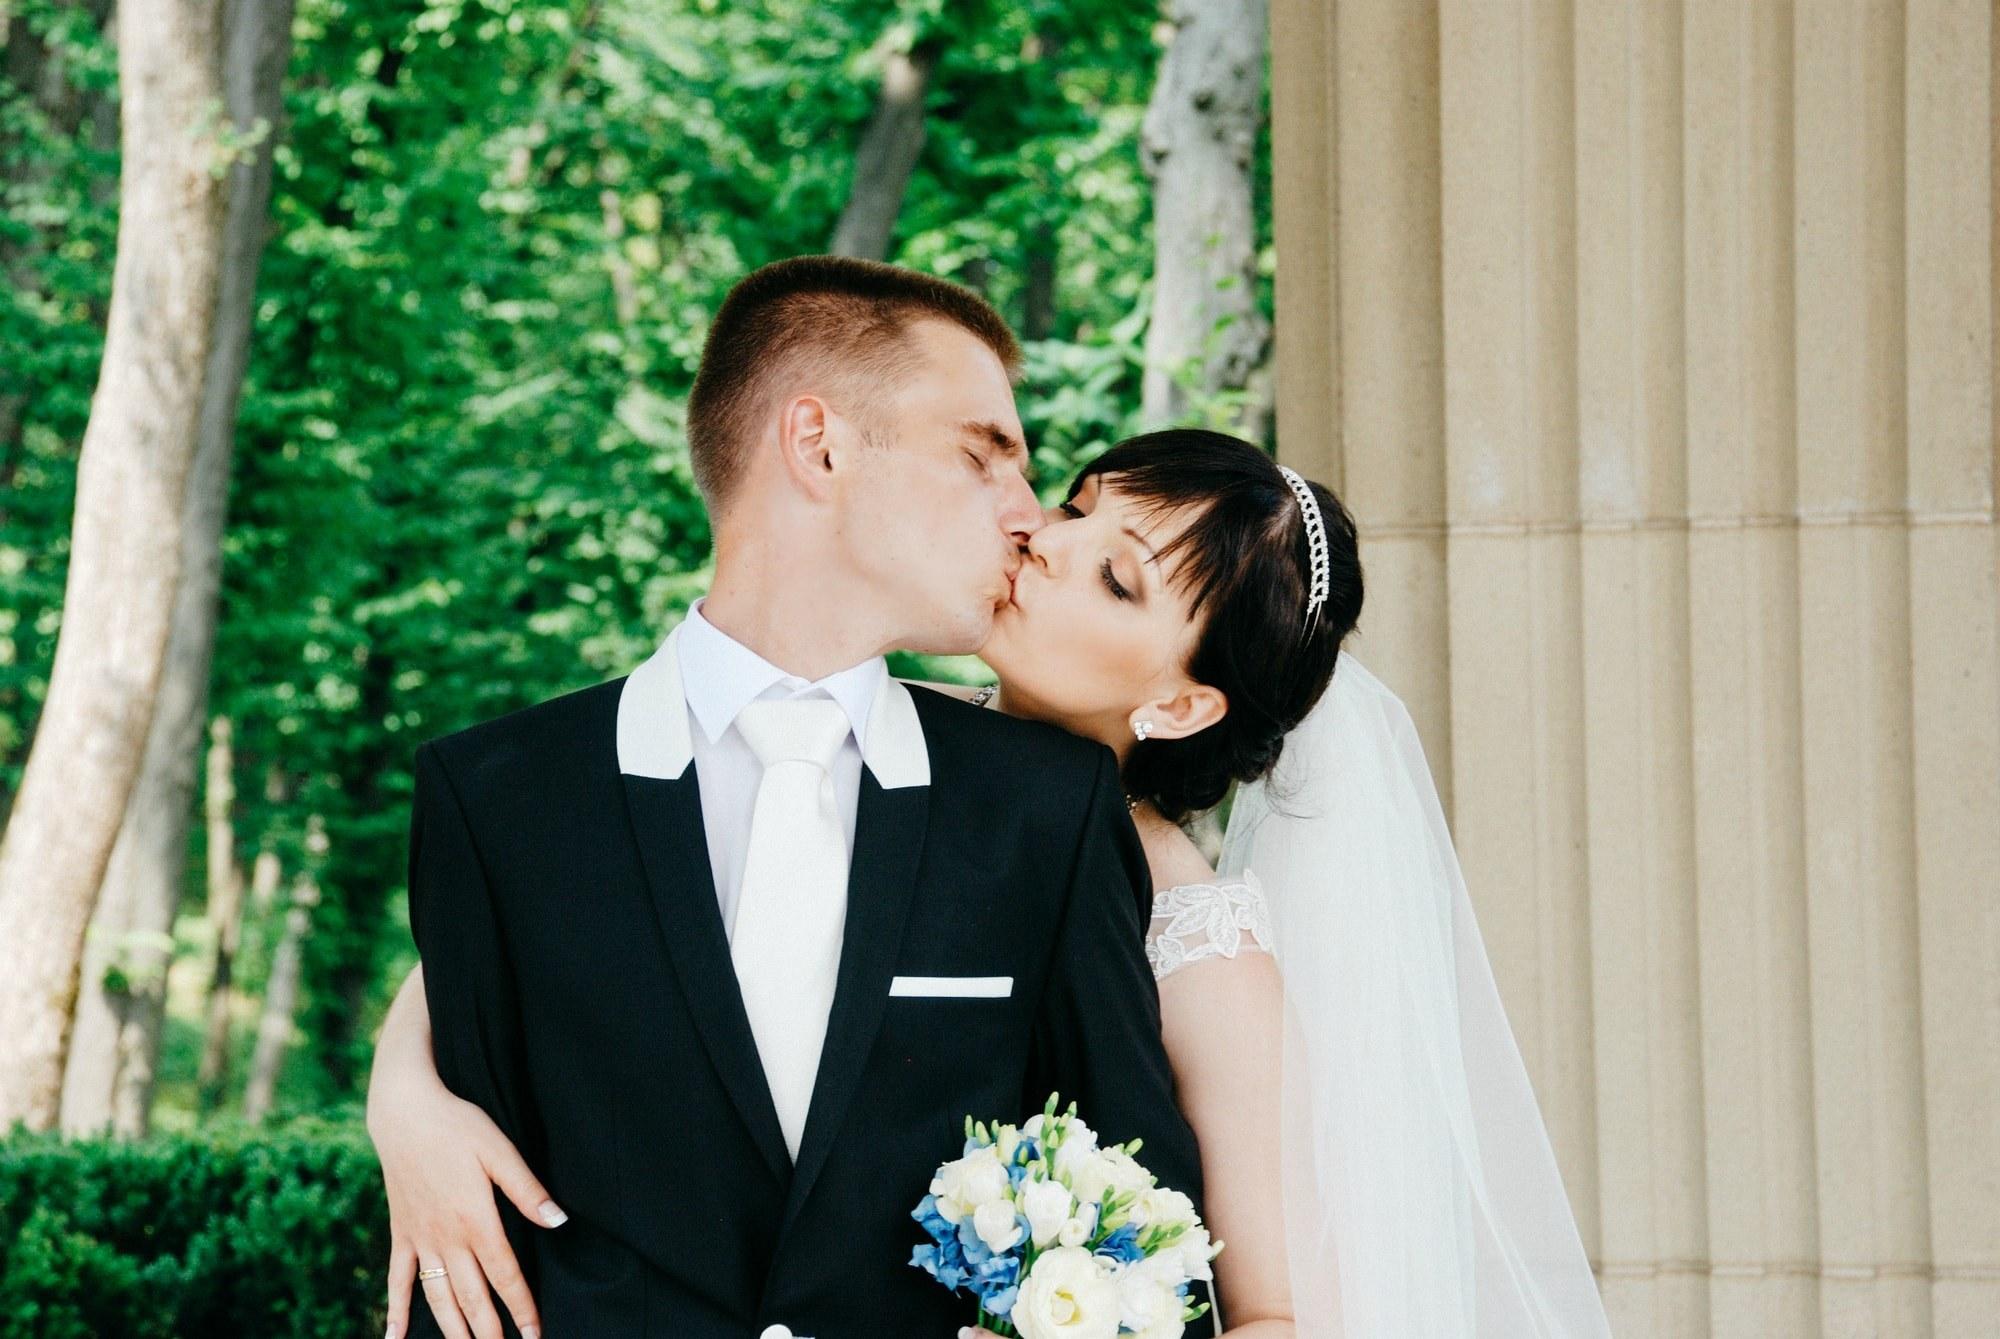 Пара целуется в парке - Фотограф Киев - Женя Лайт